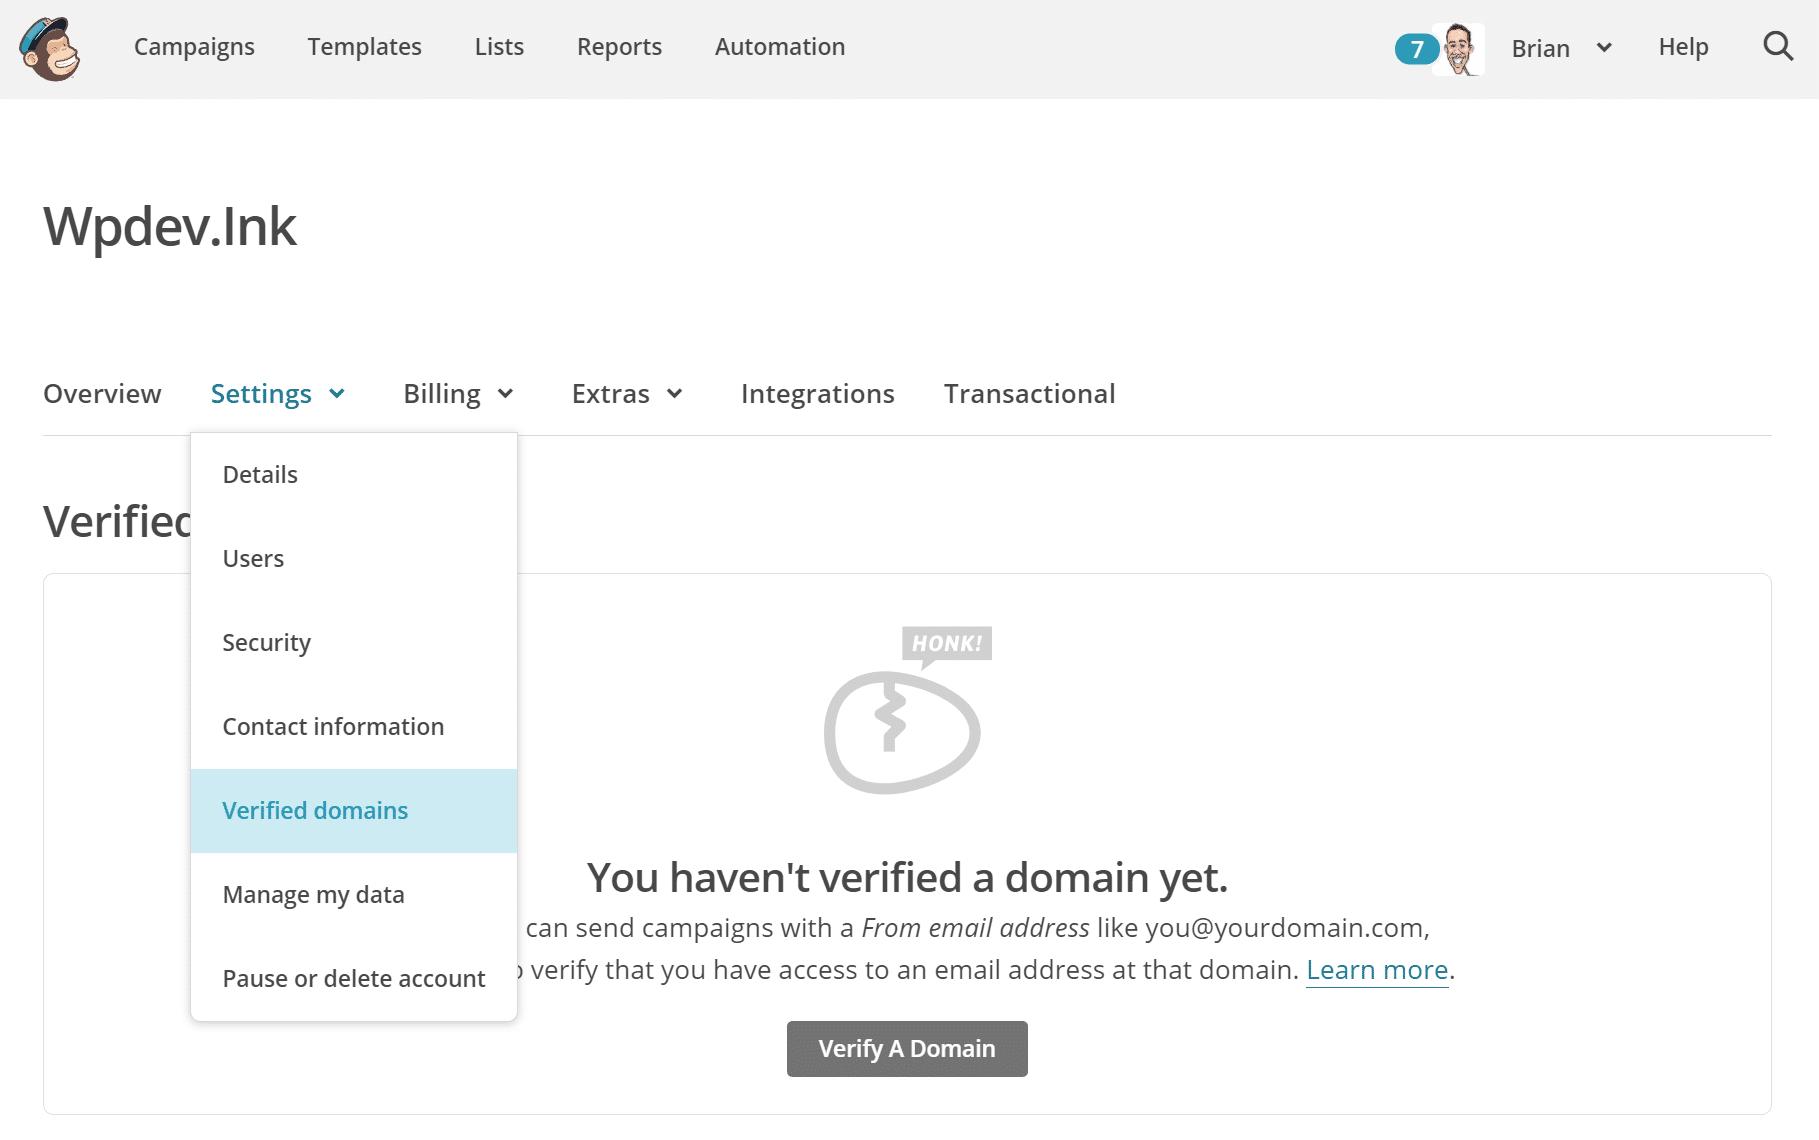 Domaines vérifiés par MailChimp